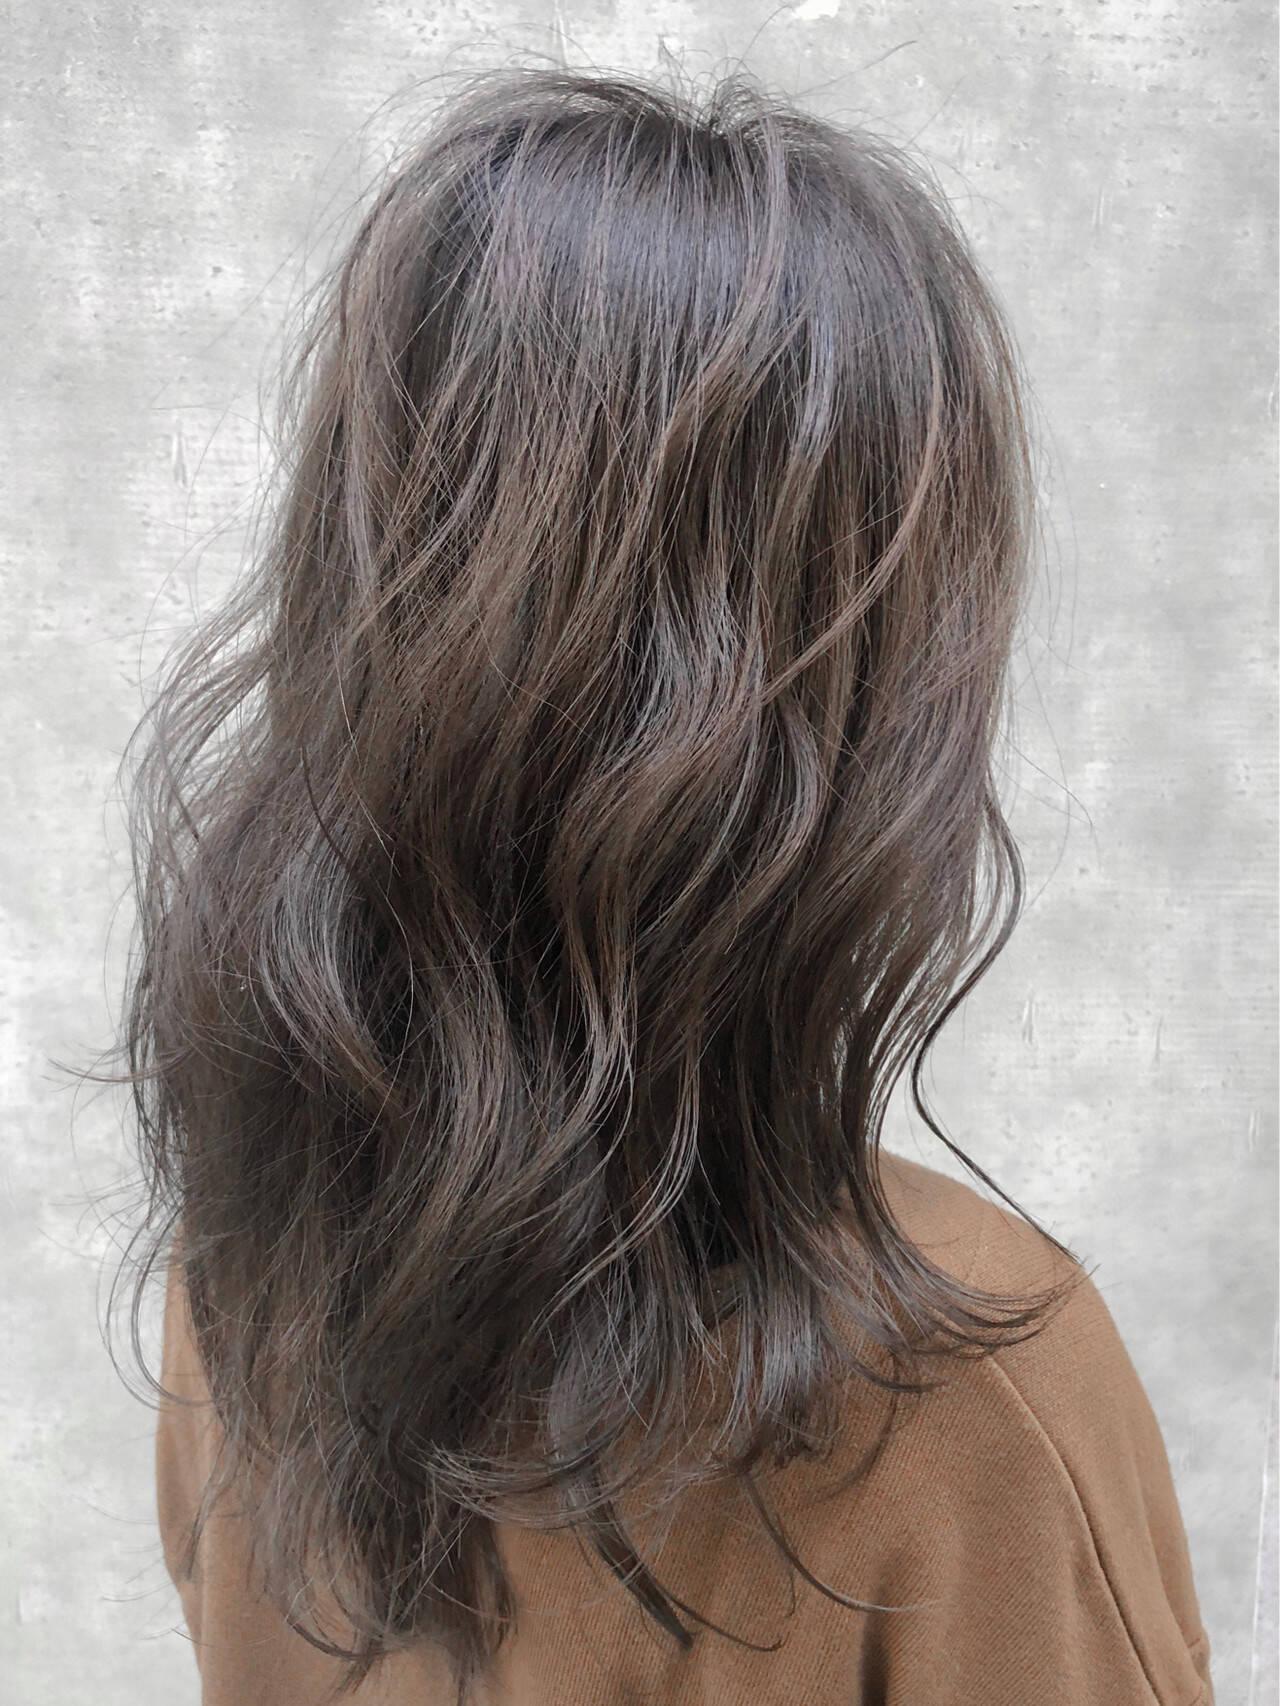 イルミナカラー インナーカラー アディクシーカラー ハイライトヘアスタイルや髪型の写真・画像